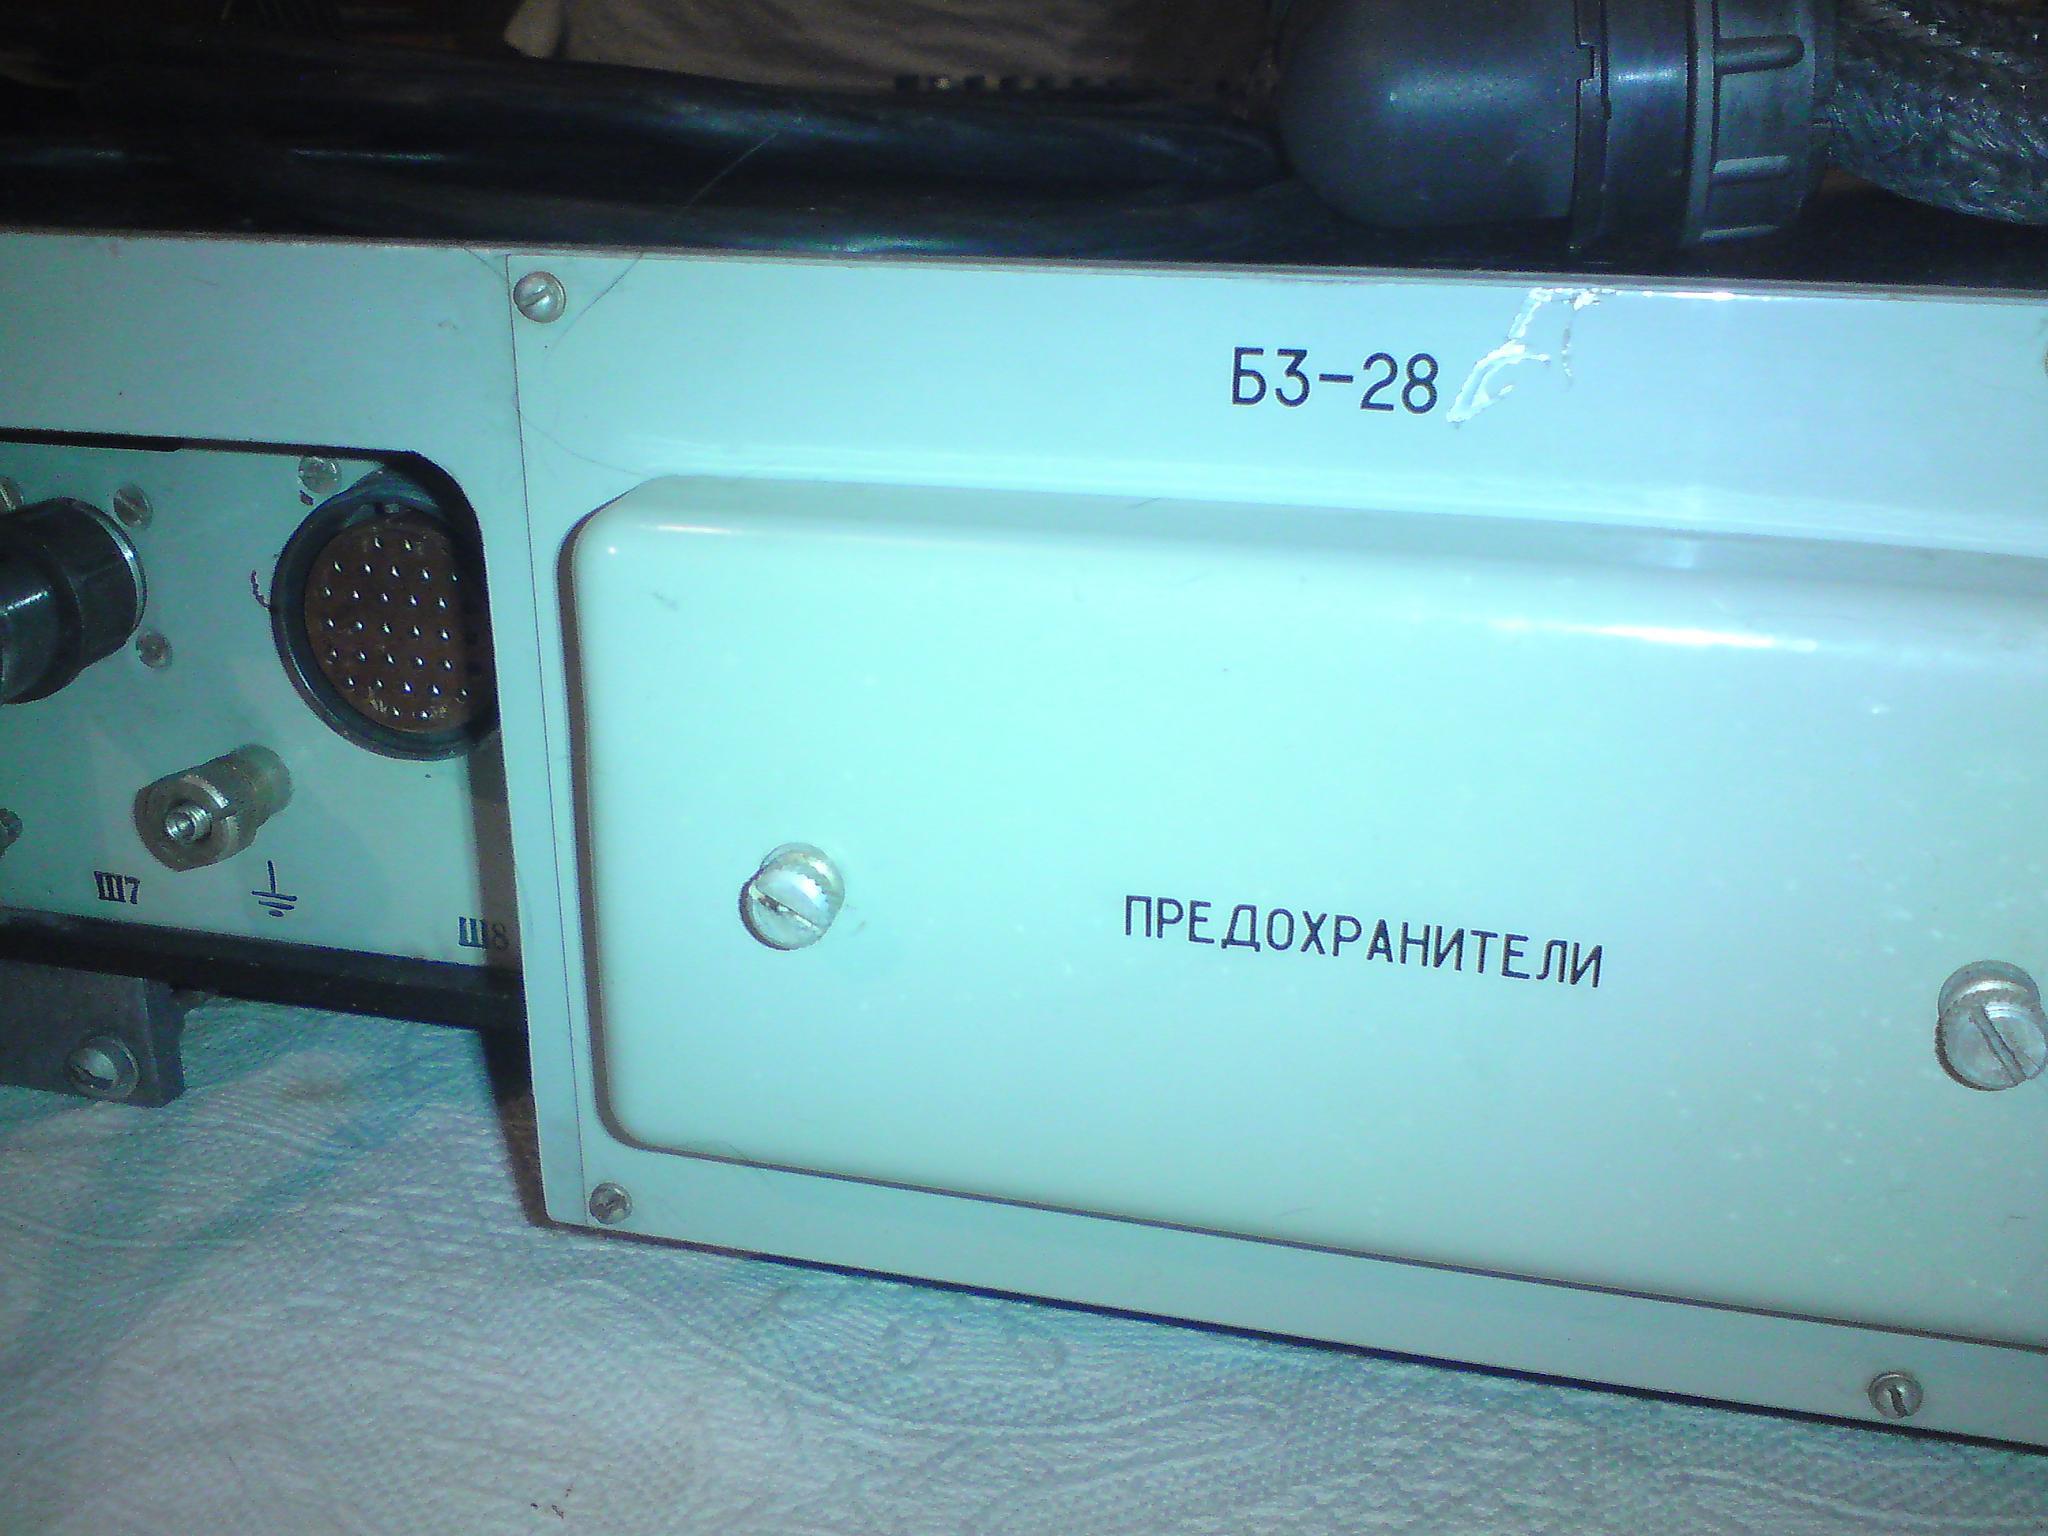 Магистральный профессиональный супергетеродинный связной радиоприемник р-399а, работающий в кв диапазоне